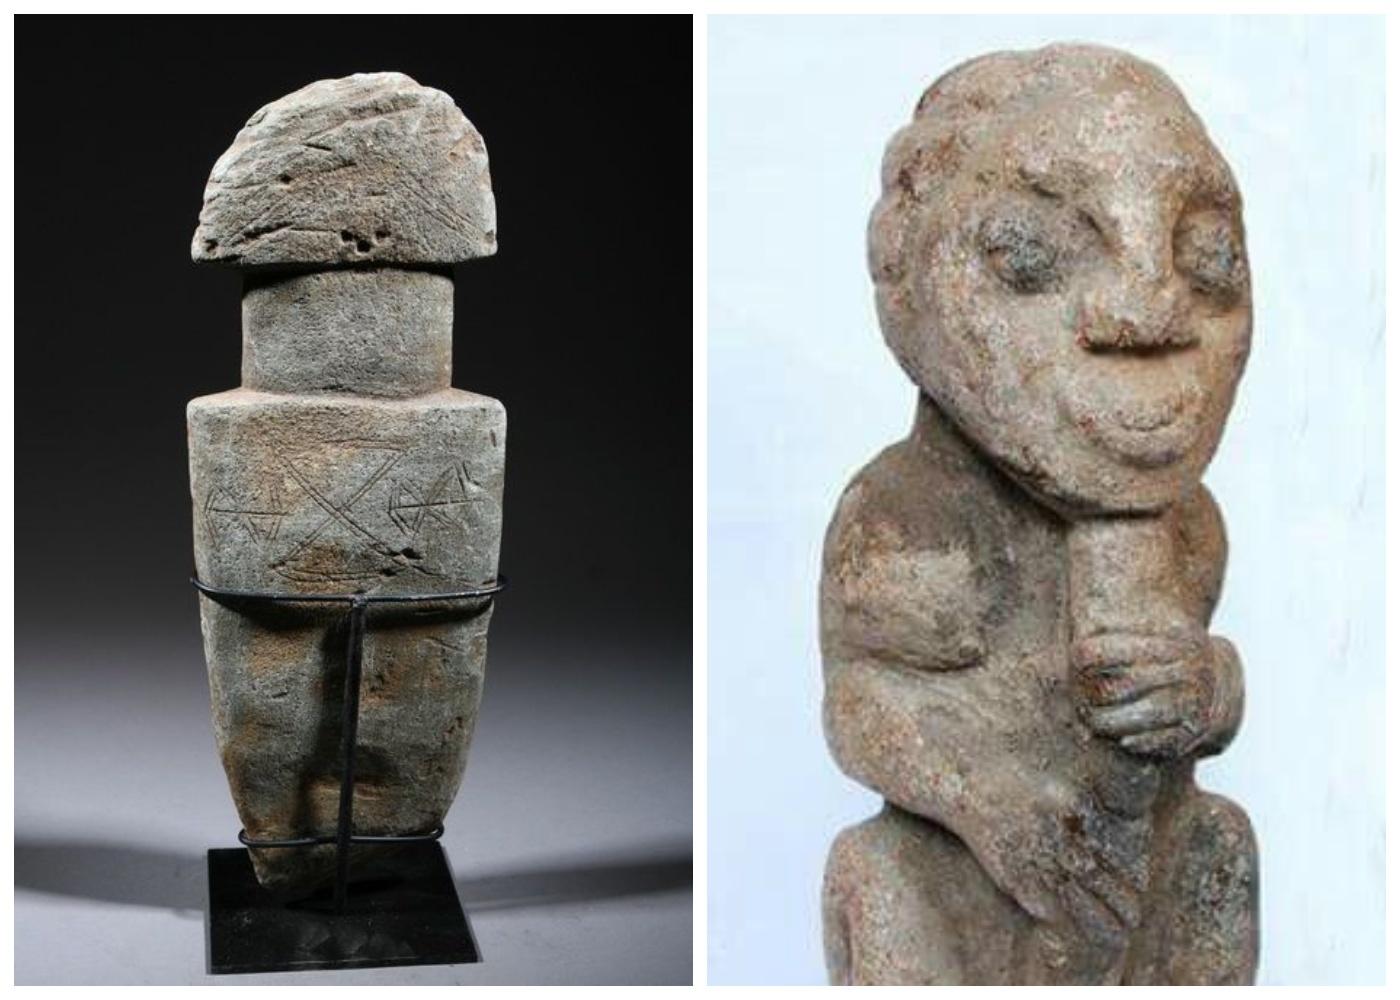 Kamienne afrykańskie figurki ludzi